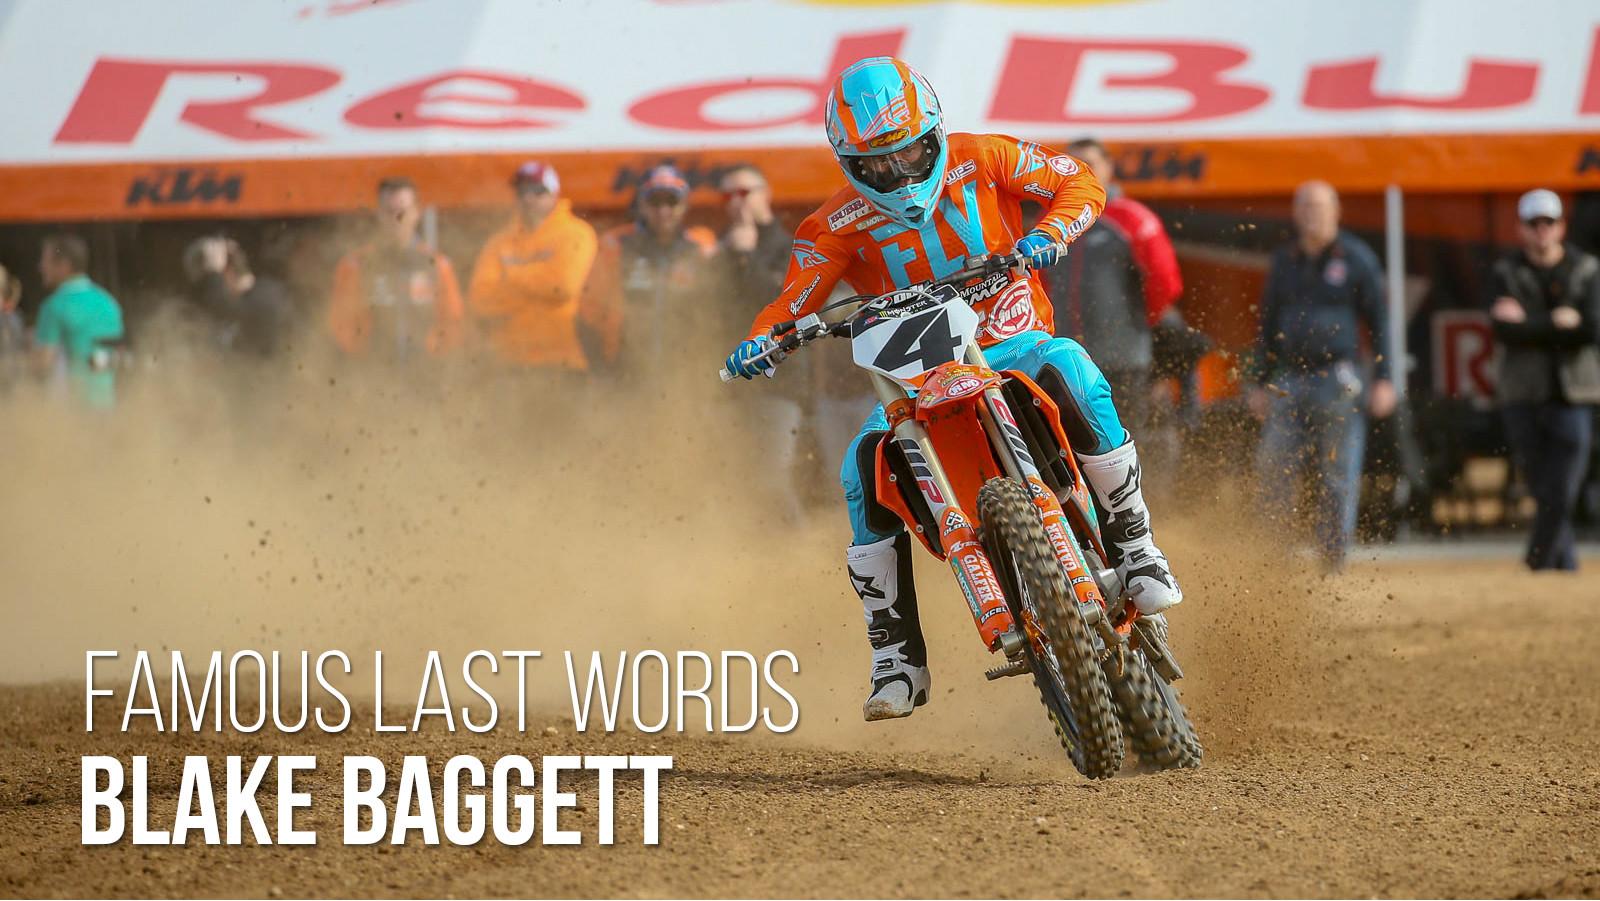 Famous Last Words: Blake Baggett